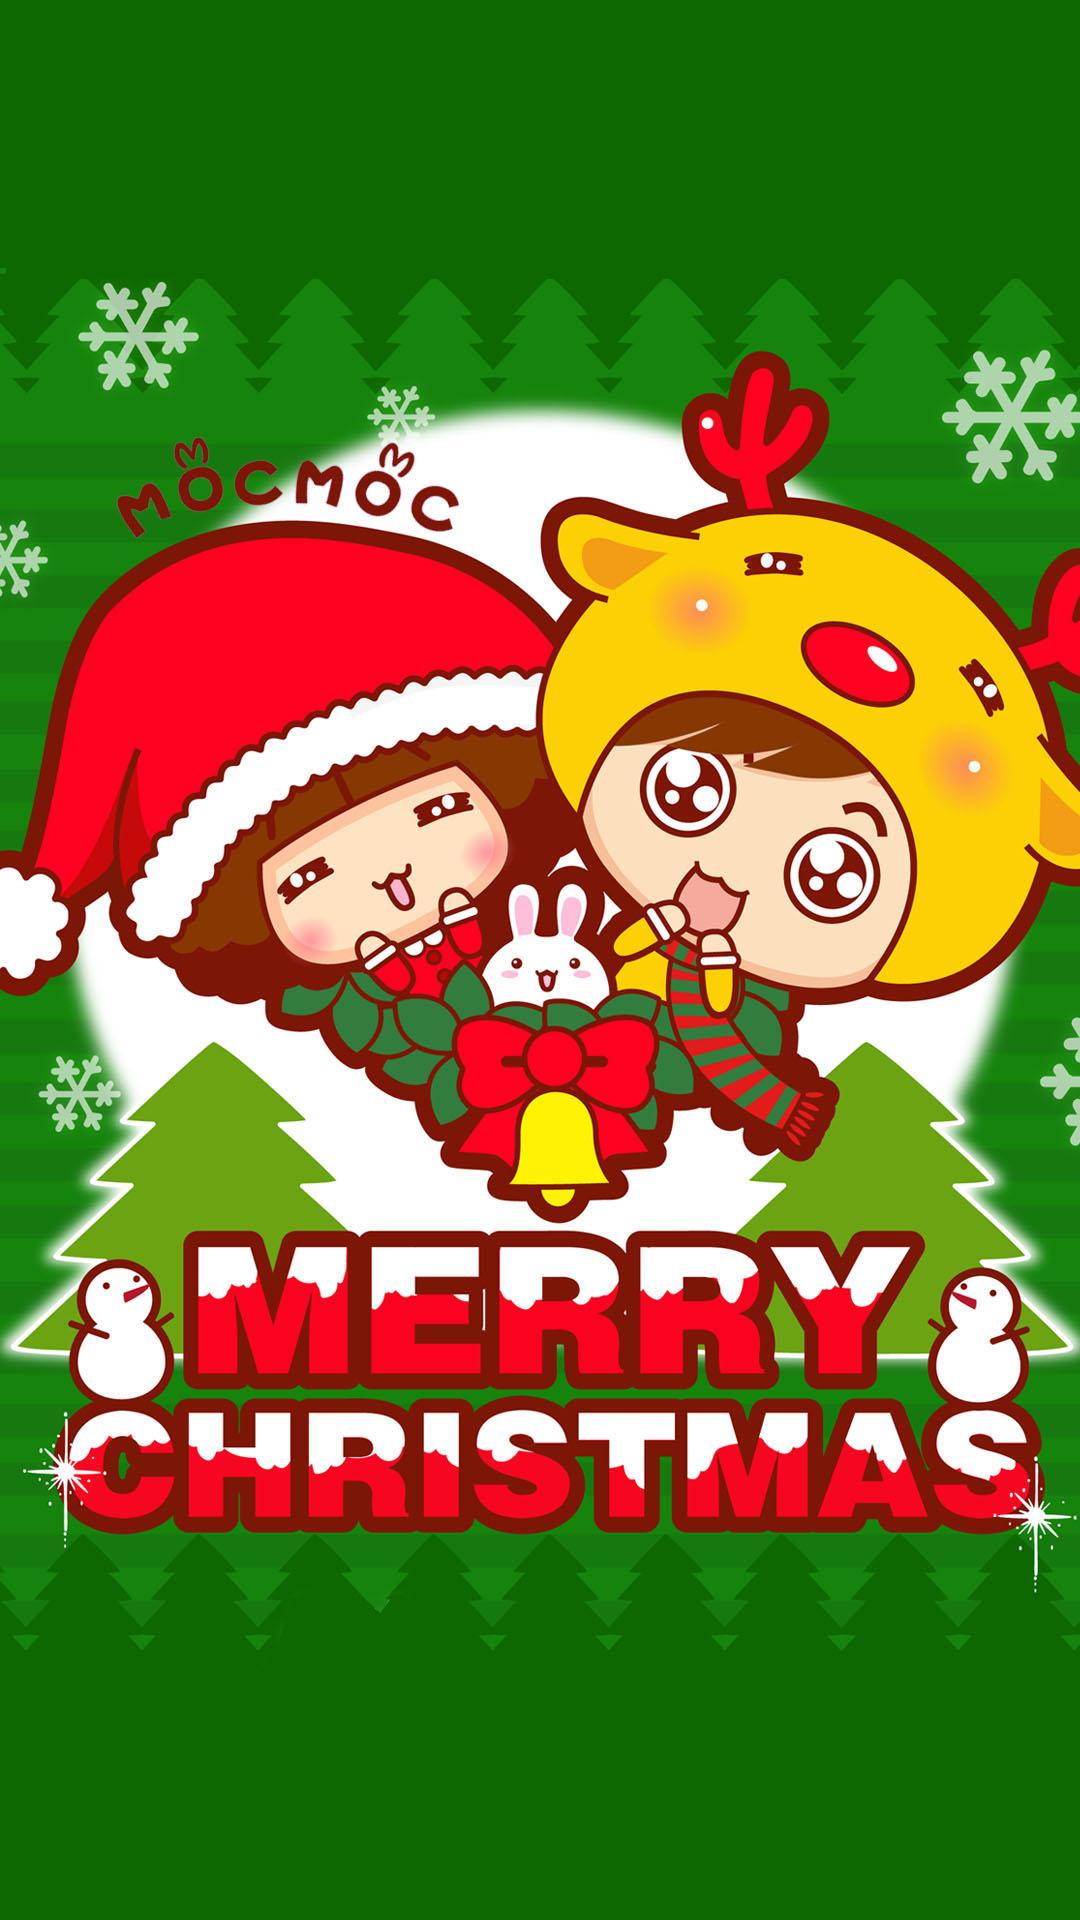 摩丝摩丝女圣诞手机壁纸